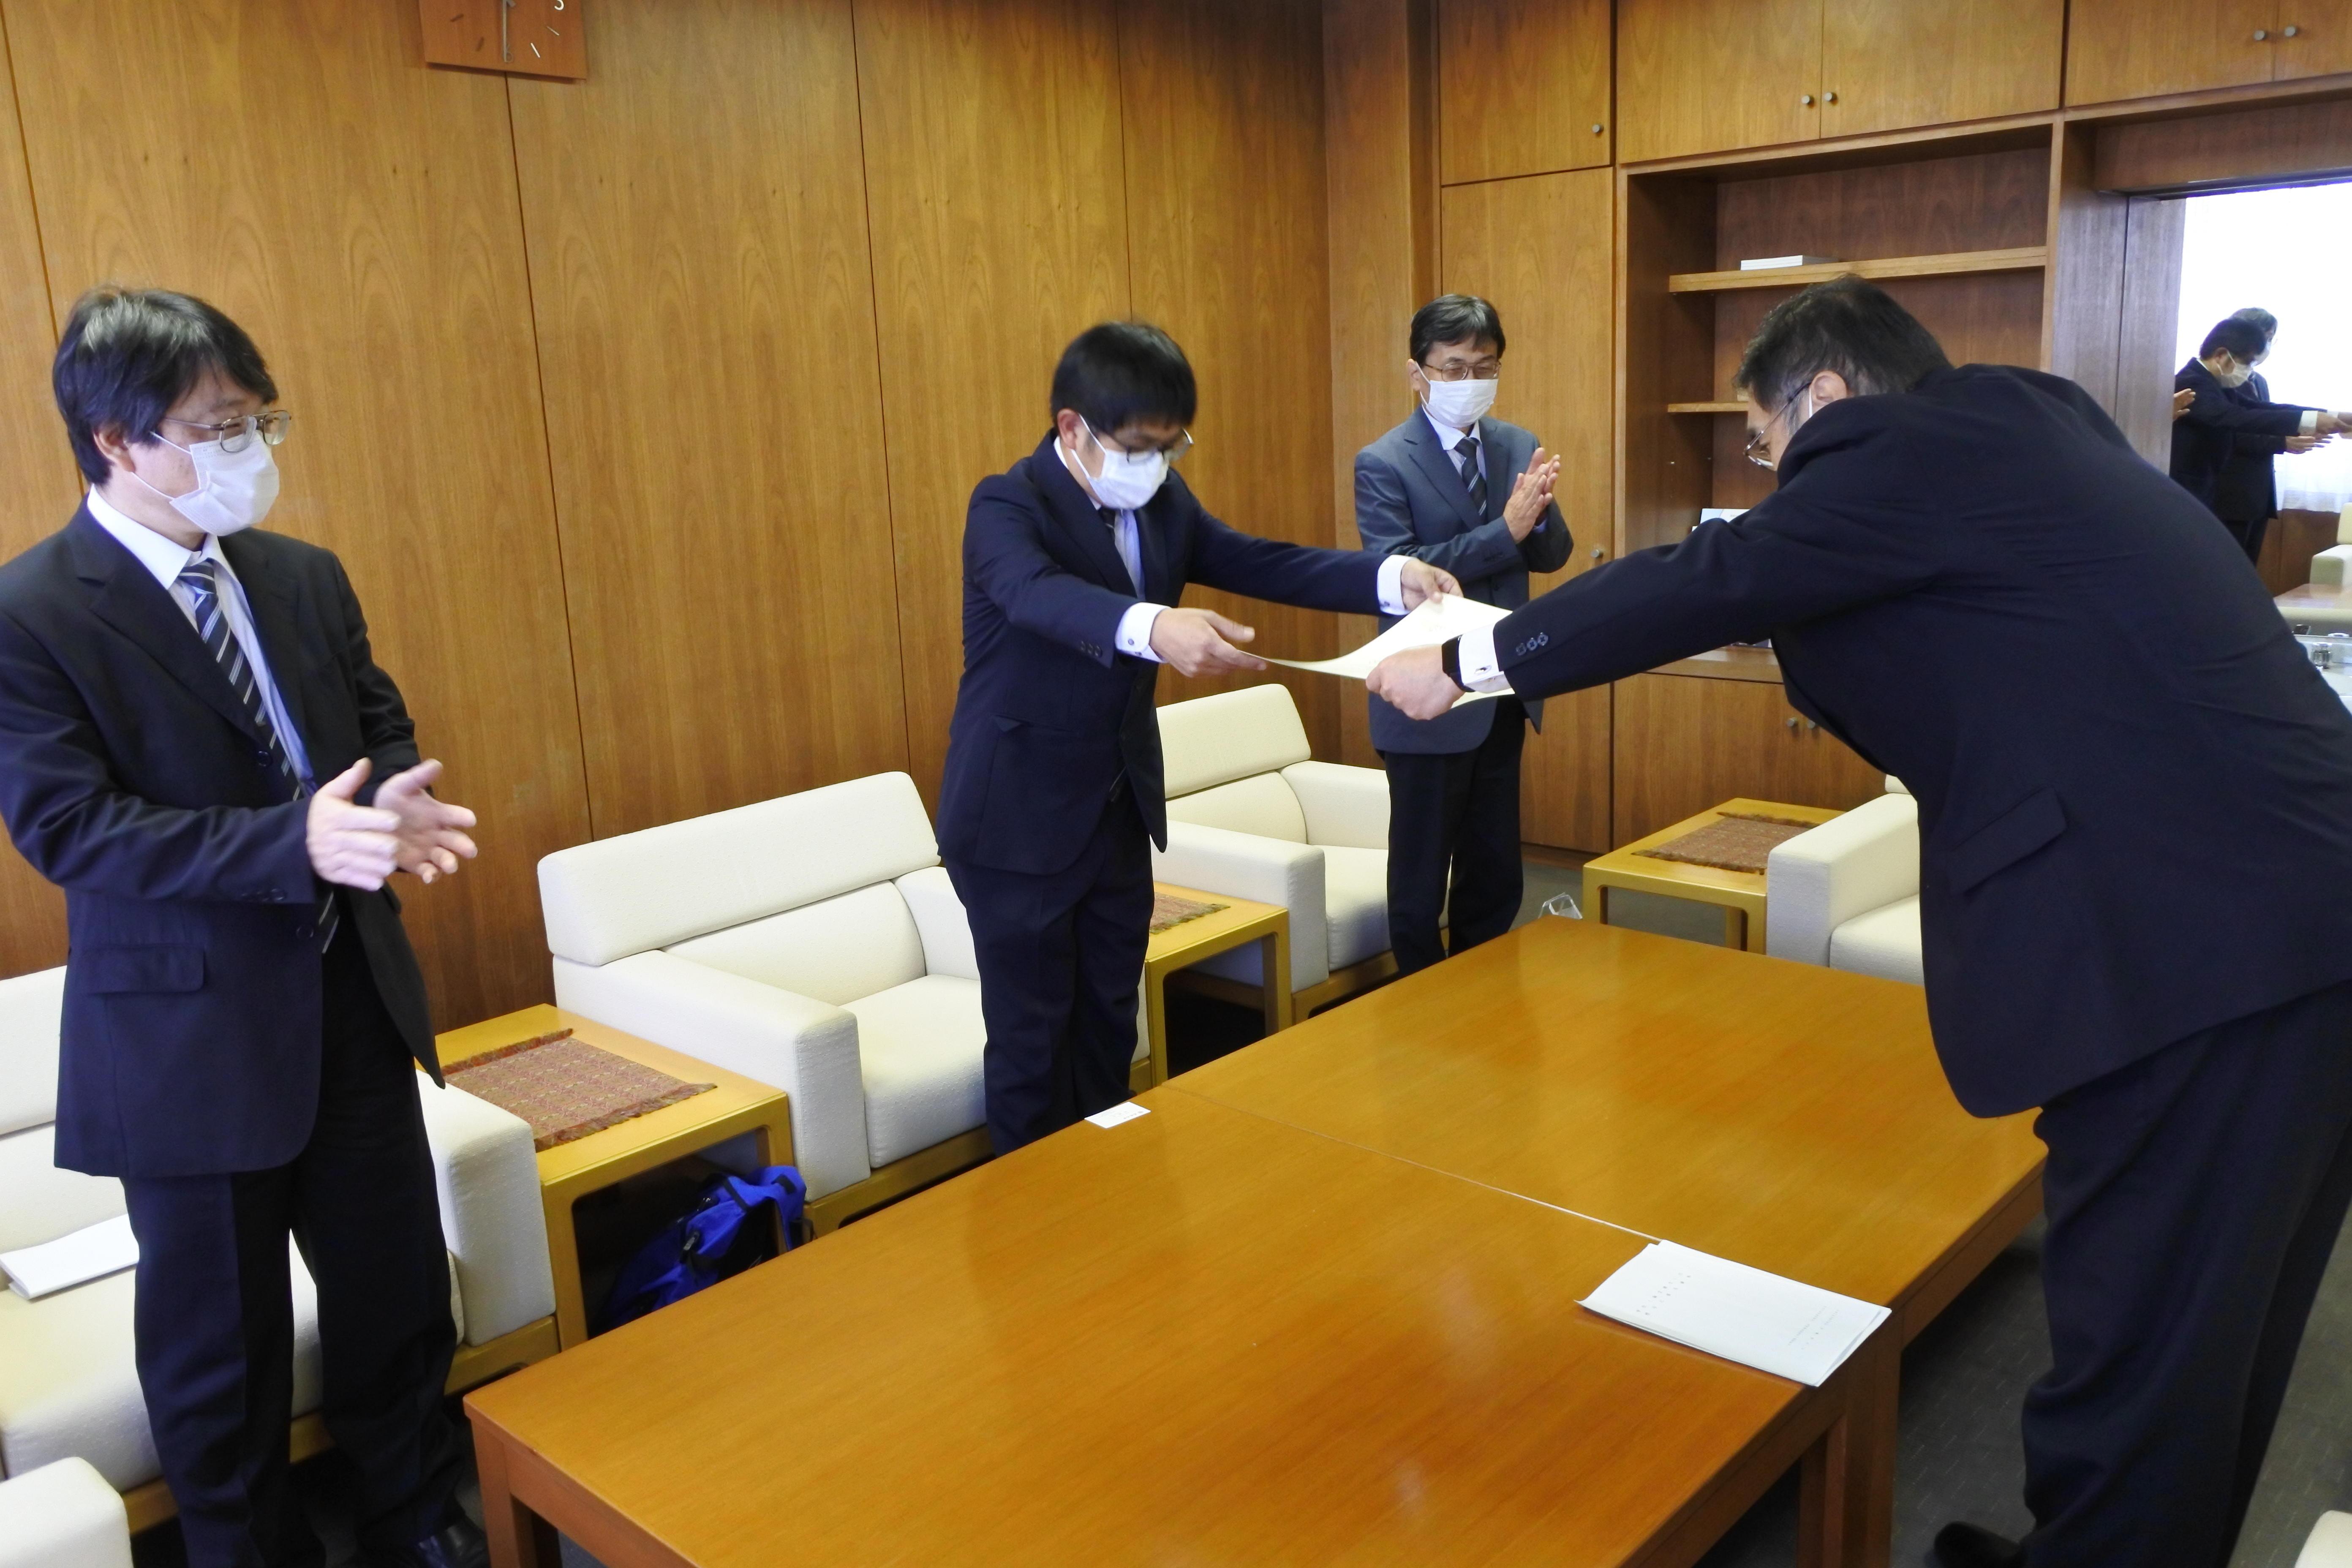 小原学長(右)から学位記を受け取る桑原さん